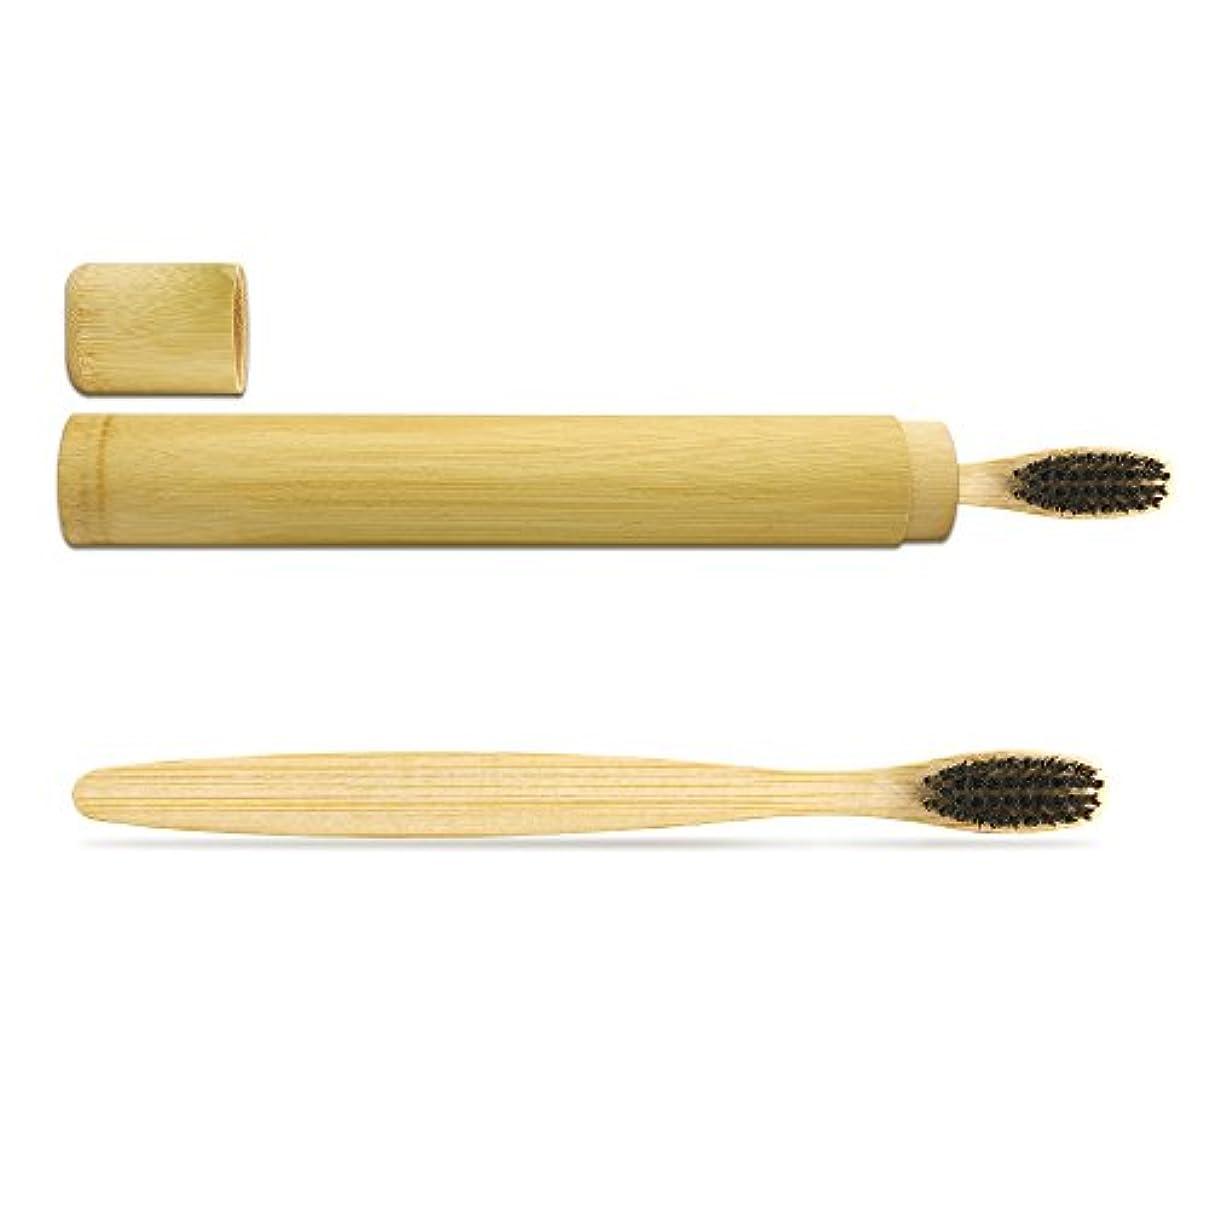 バドミントン閉じる腰N-amboo 竹製 高耐久度 歯ブラシ ケース付き 軽量 携帯便利 出張旅行